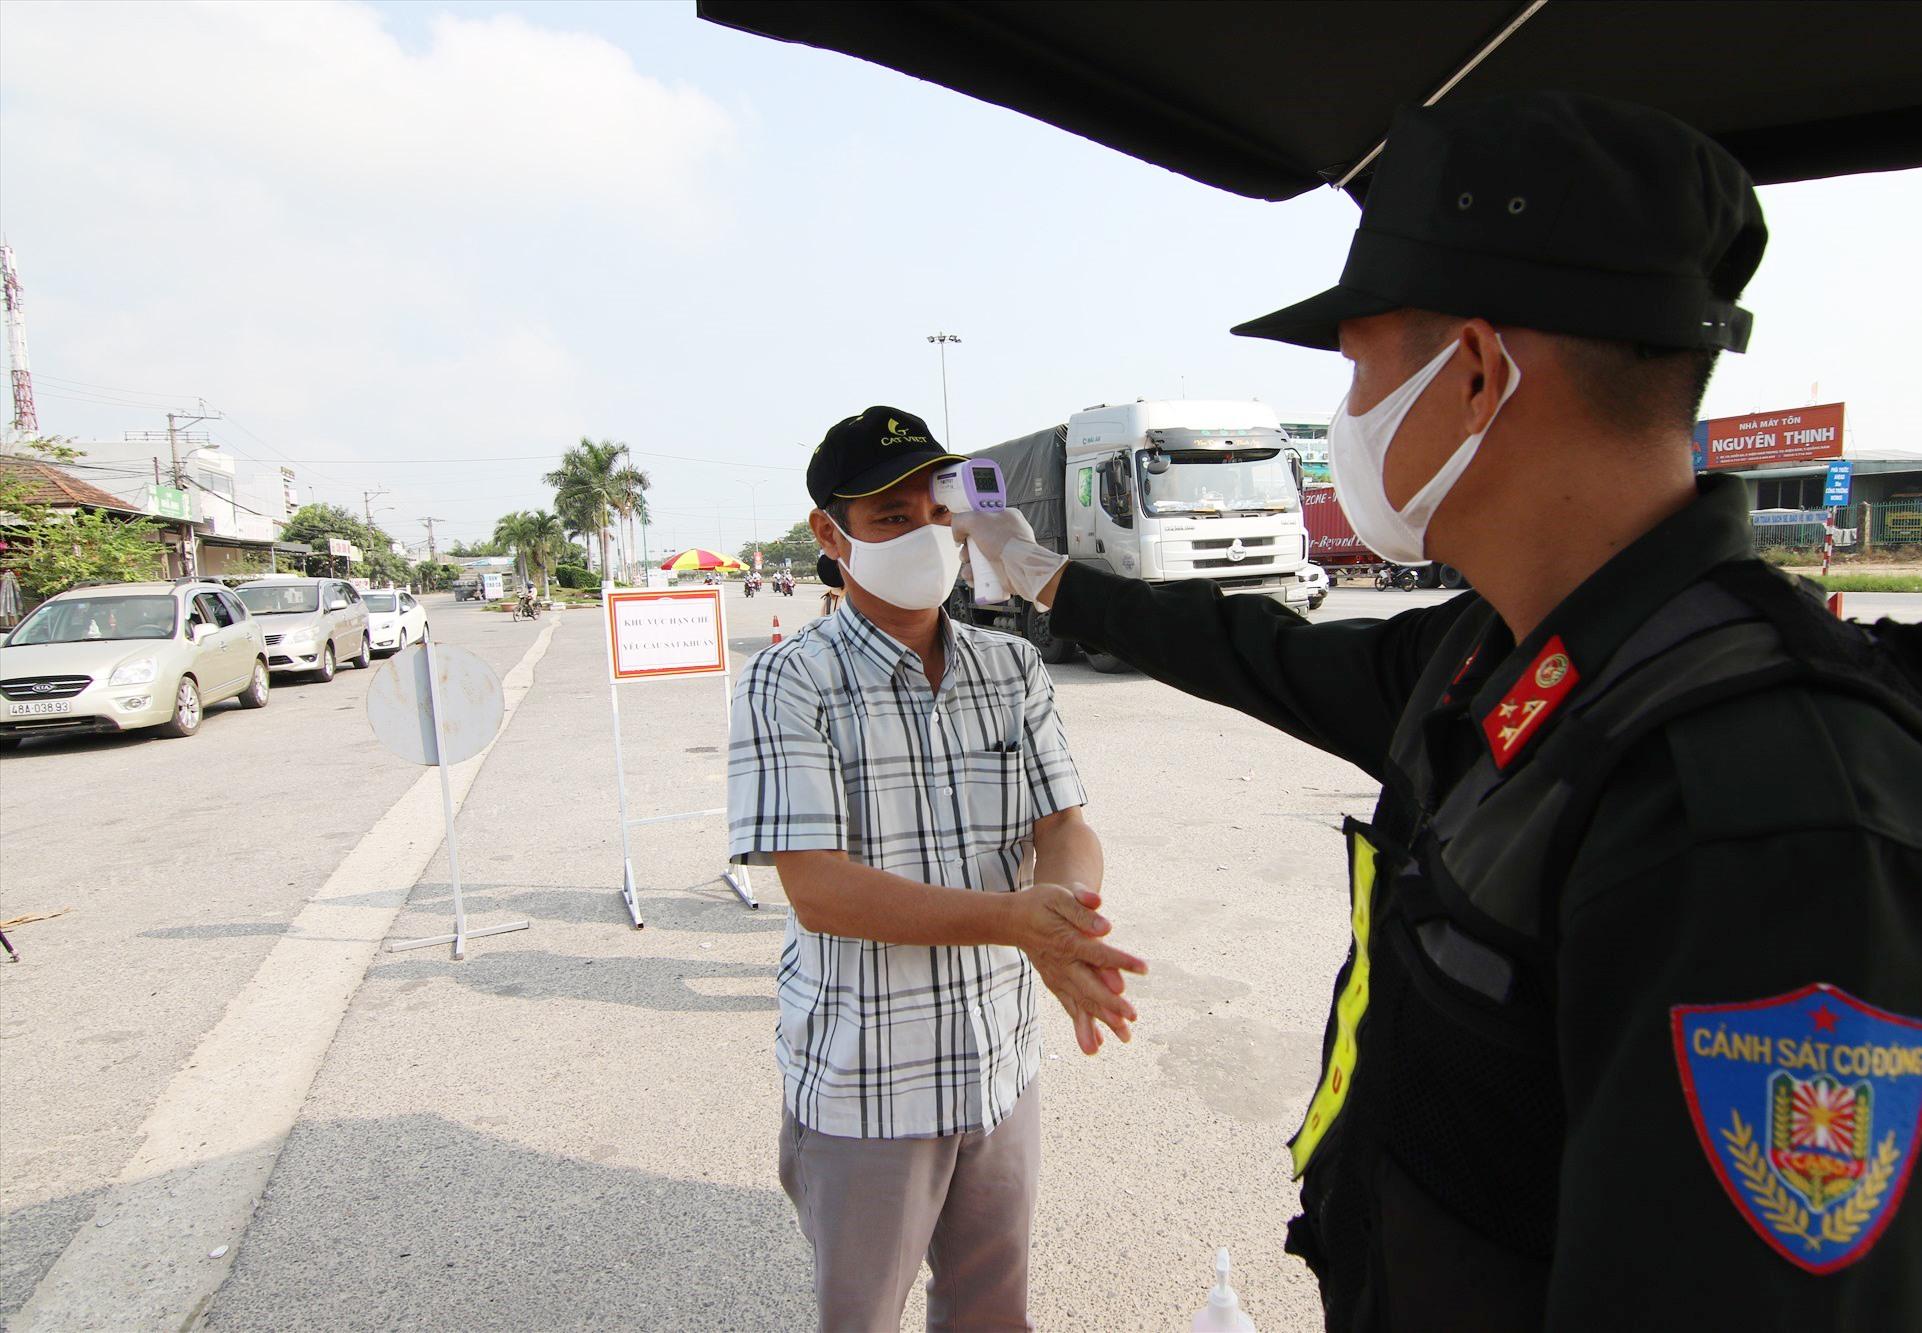 Lực lượng tại các chốt kiểm soát tại huyện Núi Thành làm việc ngày đêm để ngăn chặn tình trạng người ra vào các địa phương có dịch.